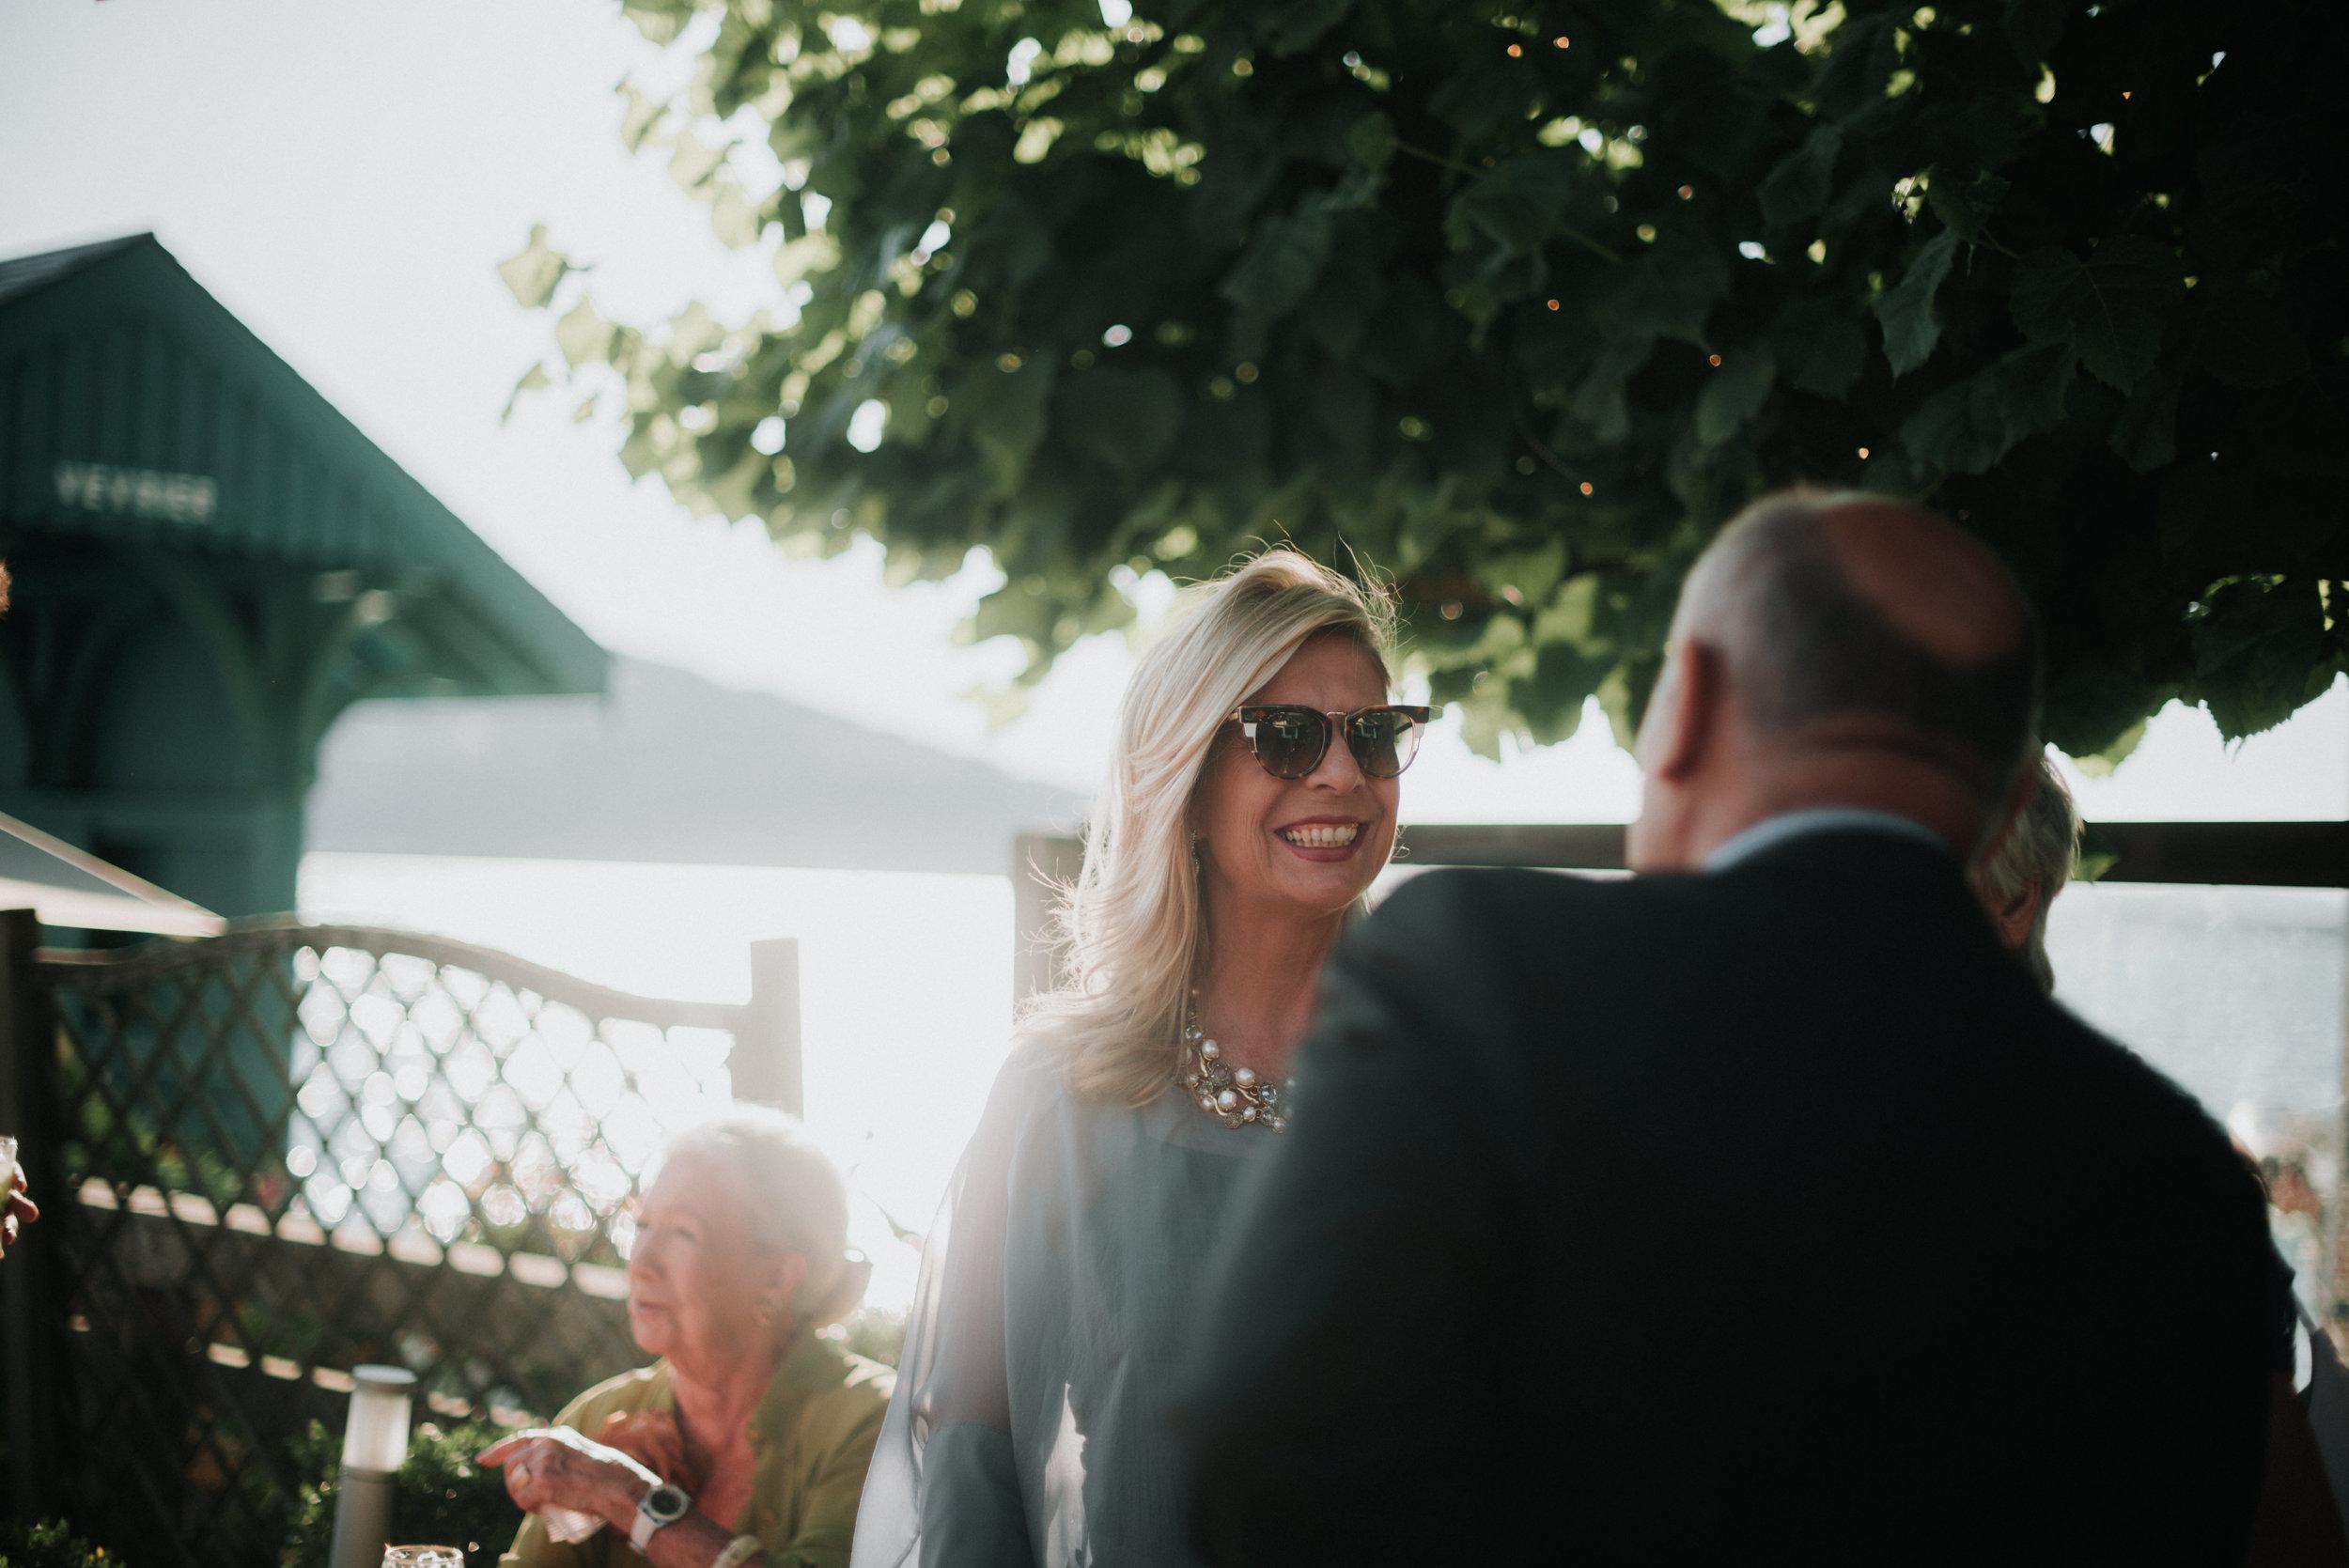 Léa-Fery-photographe-professionnel-lyon-rhone-alpes-portrait-creation-mariage-evenement-evenementiel-famille-9015.jpg